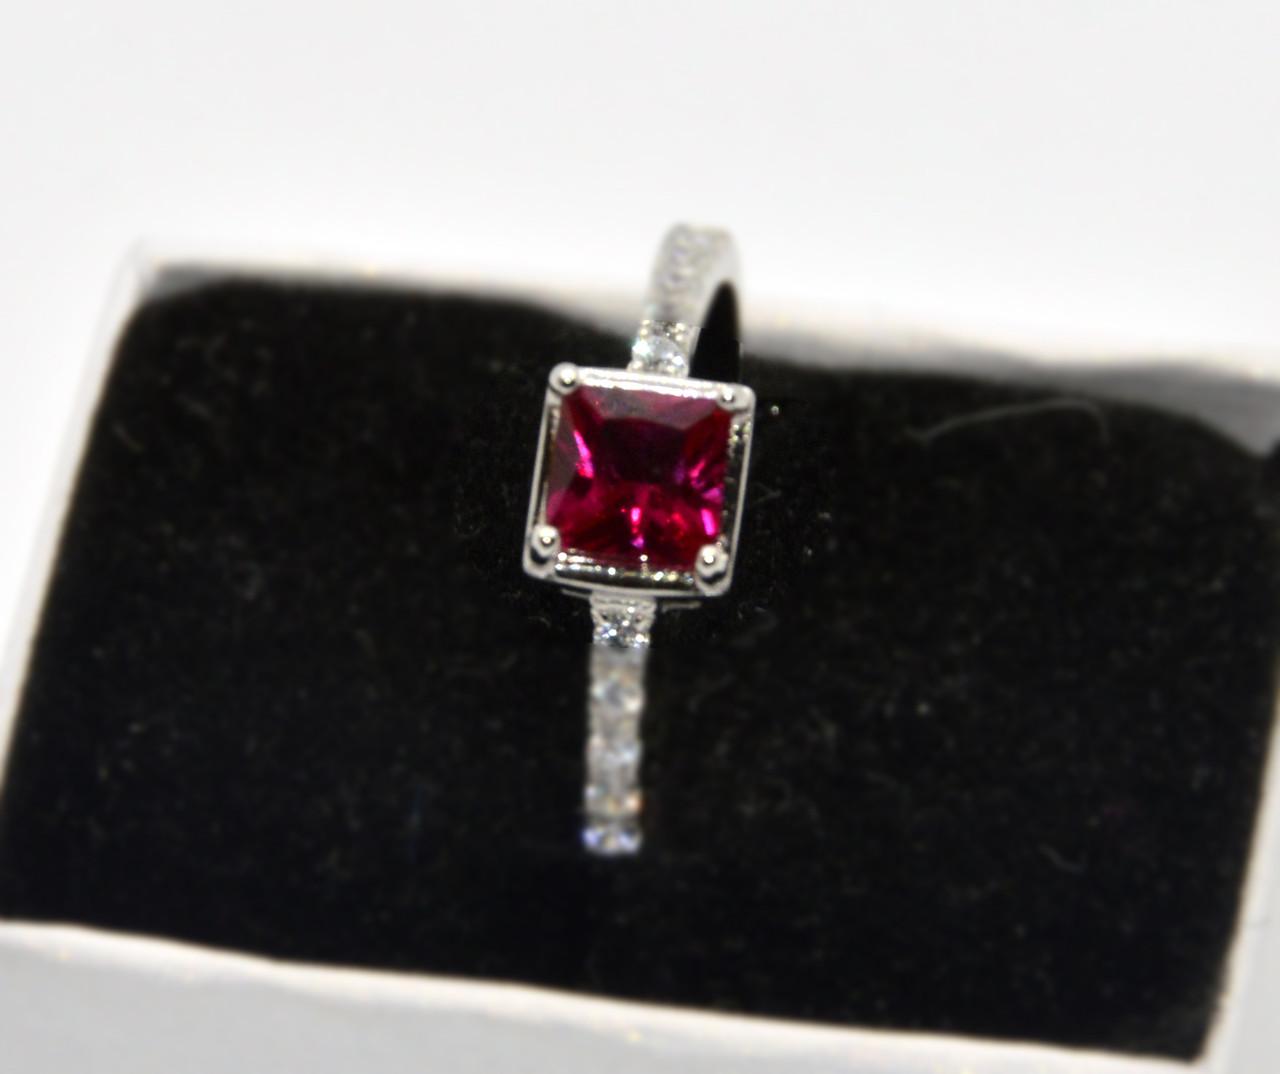 Серебряное кольцо, Нежность, с камнем нано рубин и фианитами 18 размер, фото 1